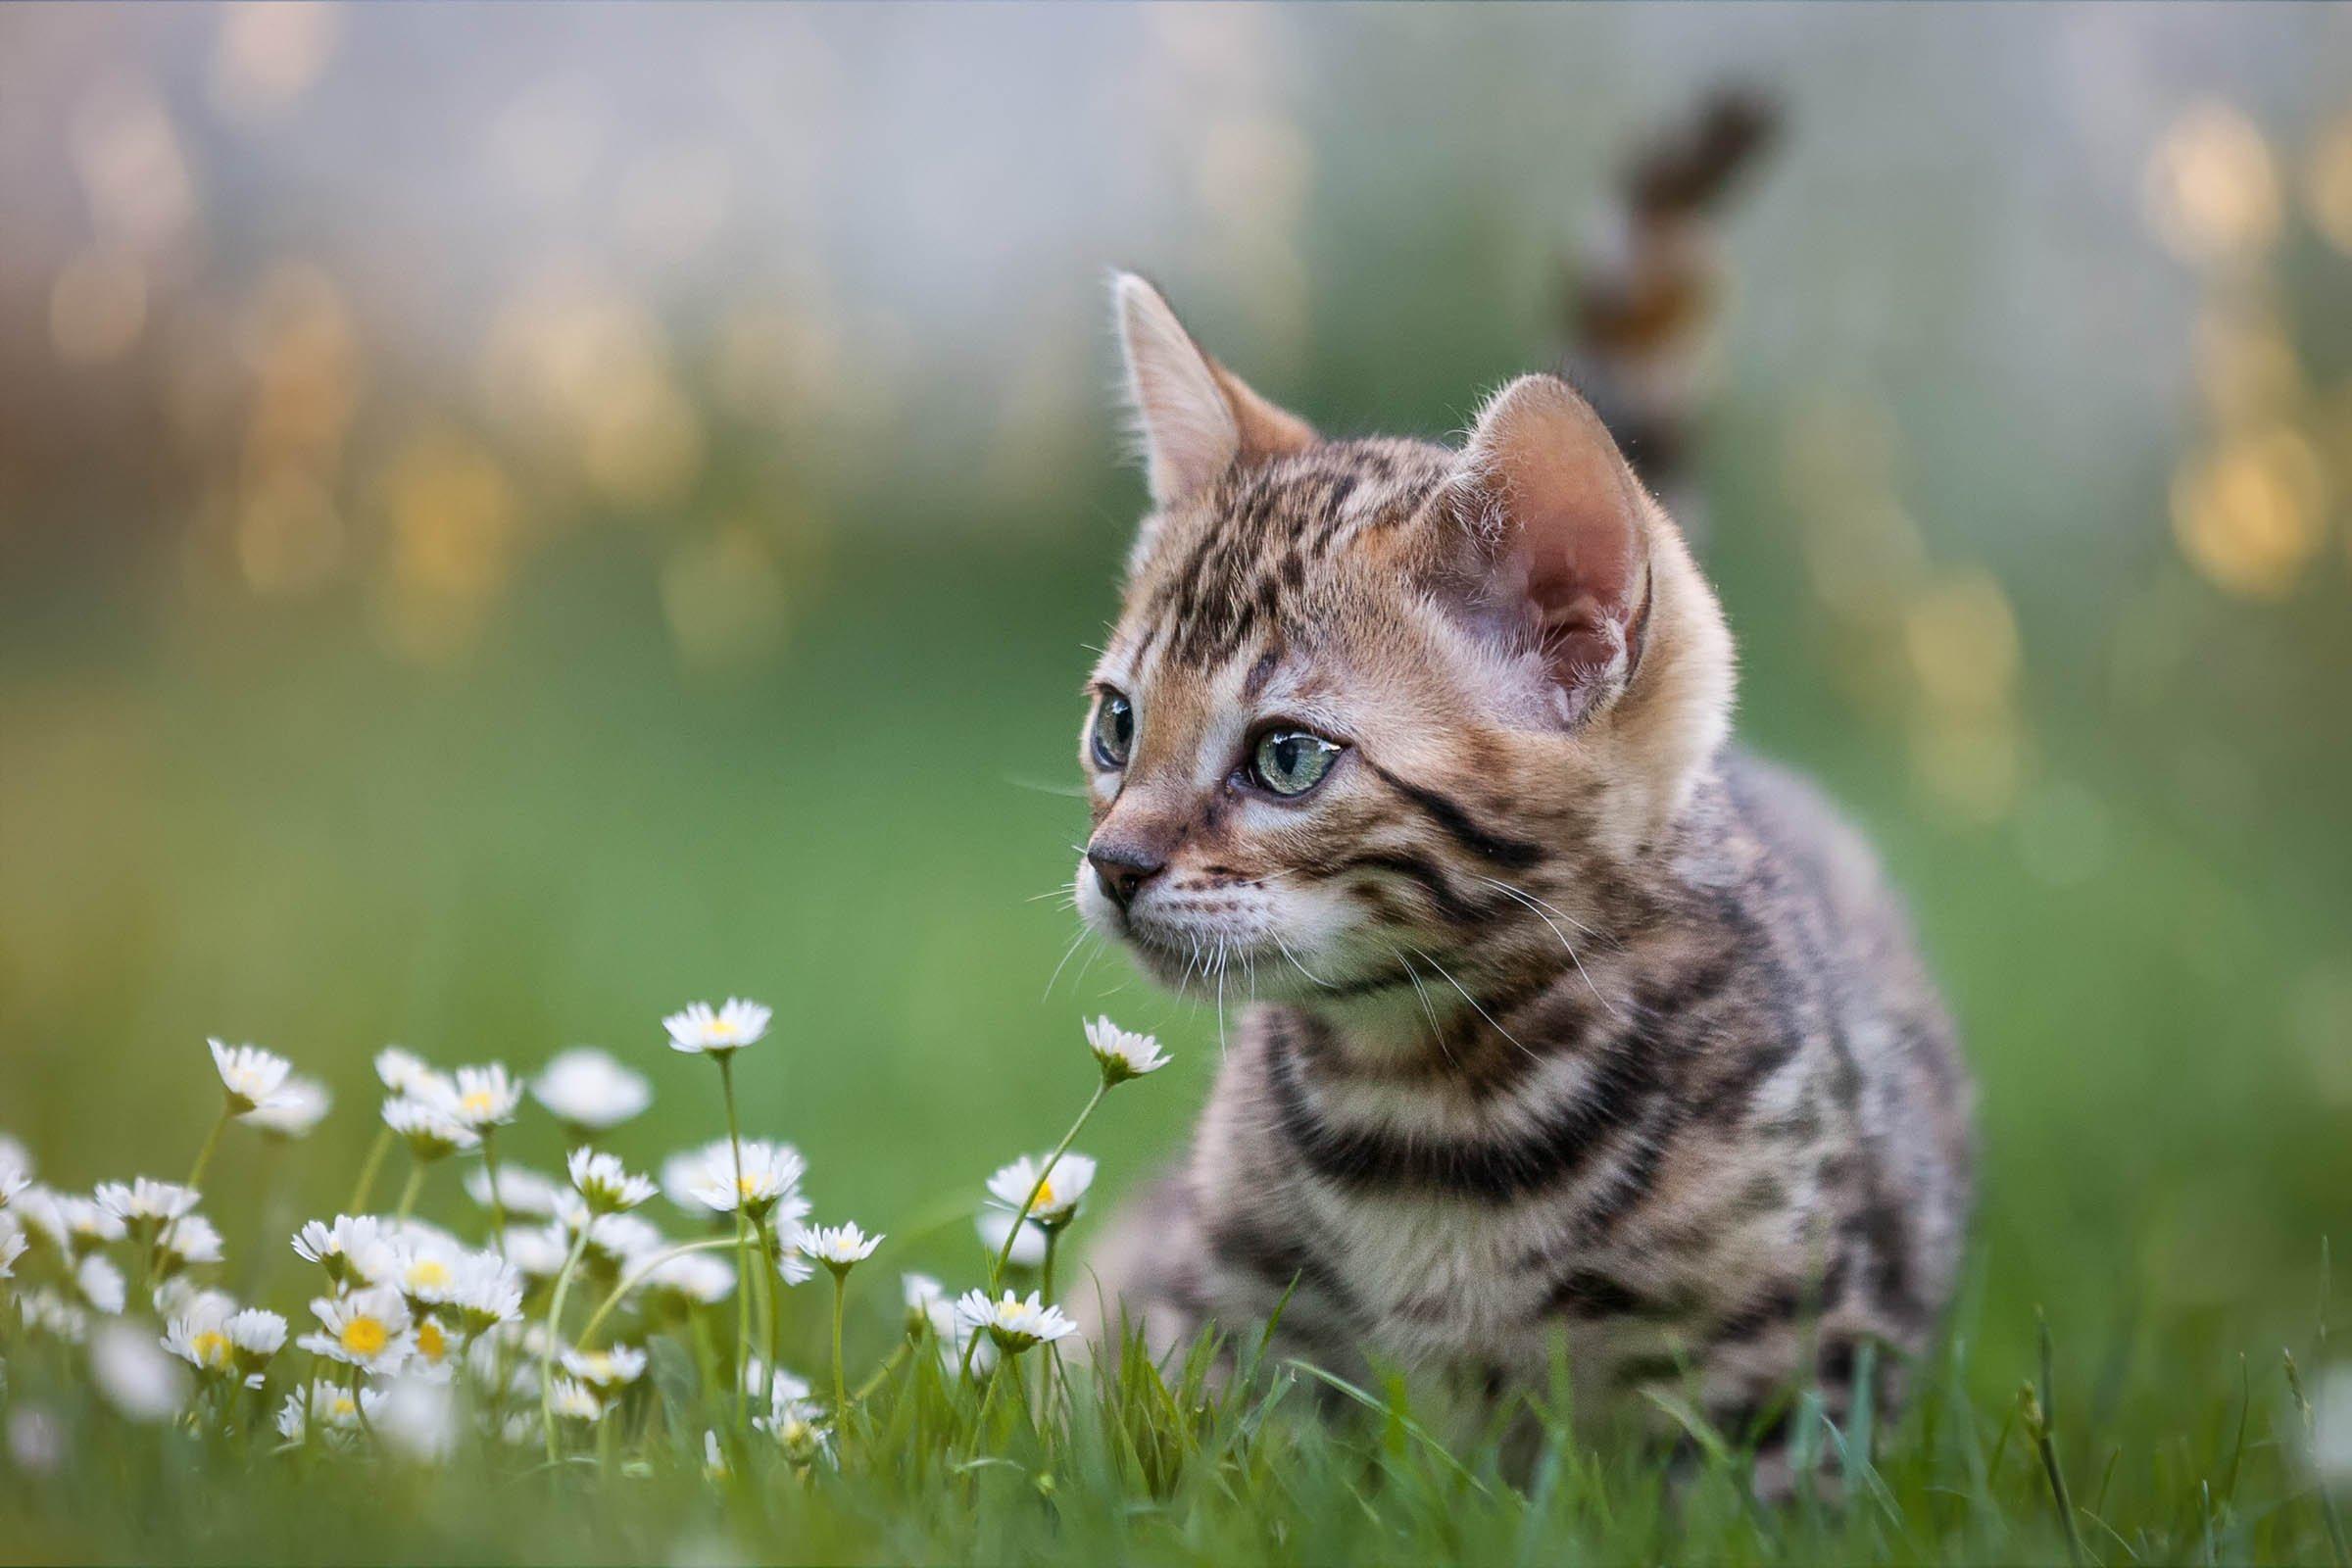 Katzenbaby erkundet eine Wiese